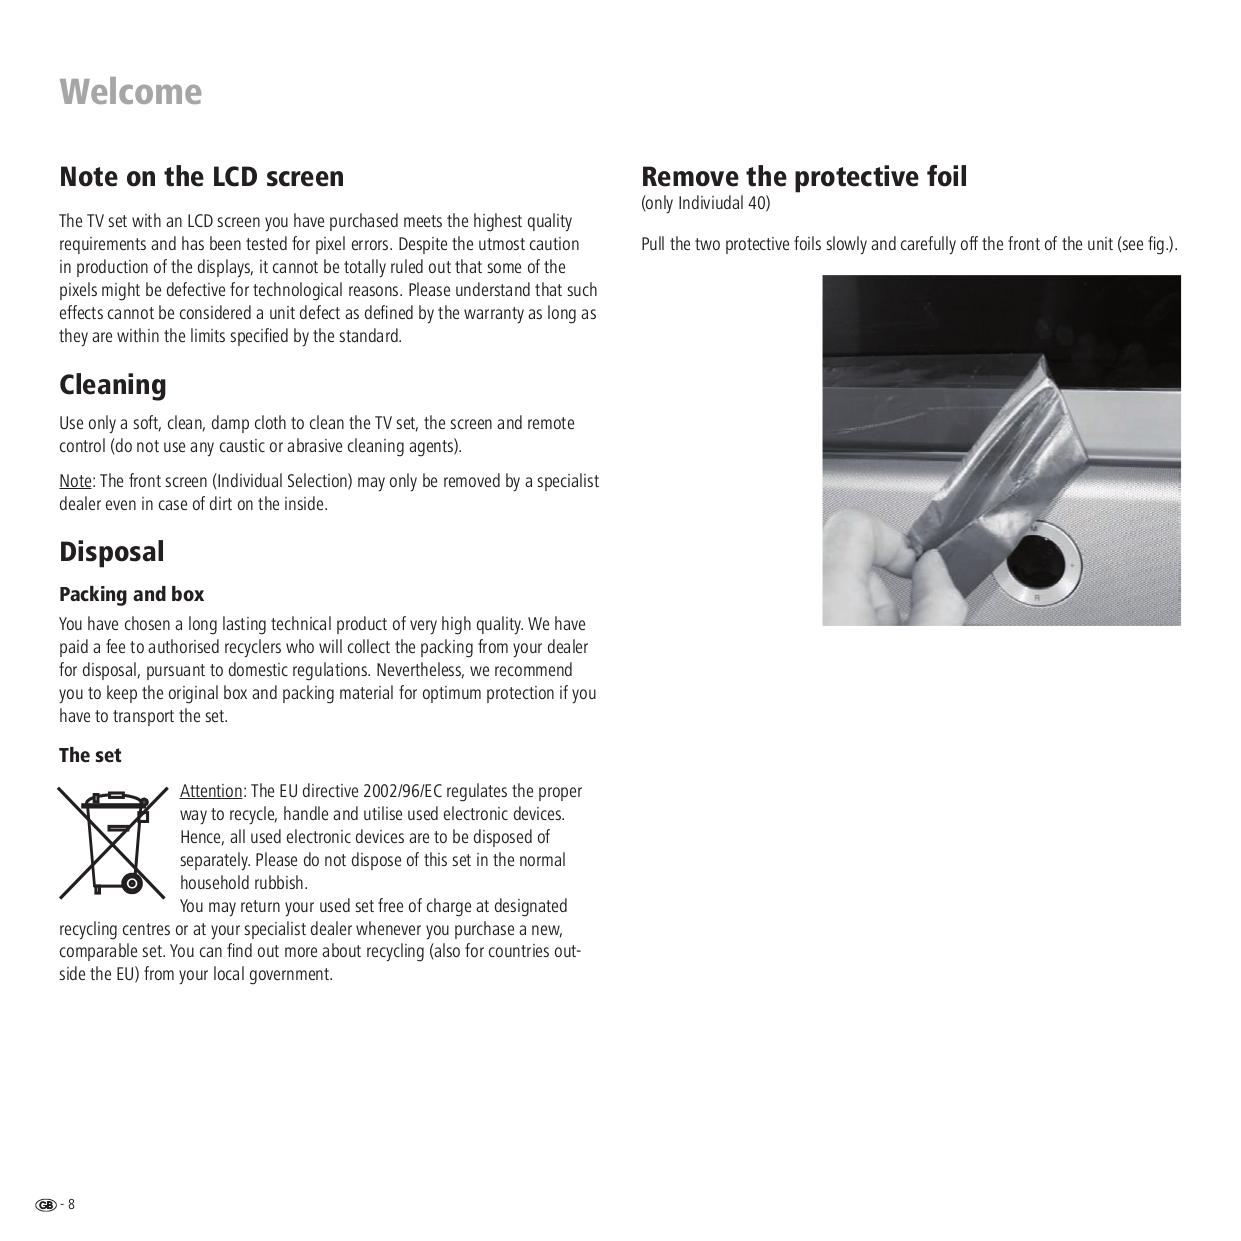 pdf manual for sansui tv hdlcd1900 rh umlib com Sansui 5000A Schematic Sansui TV Owners Manual